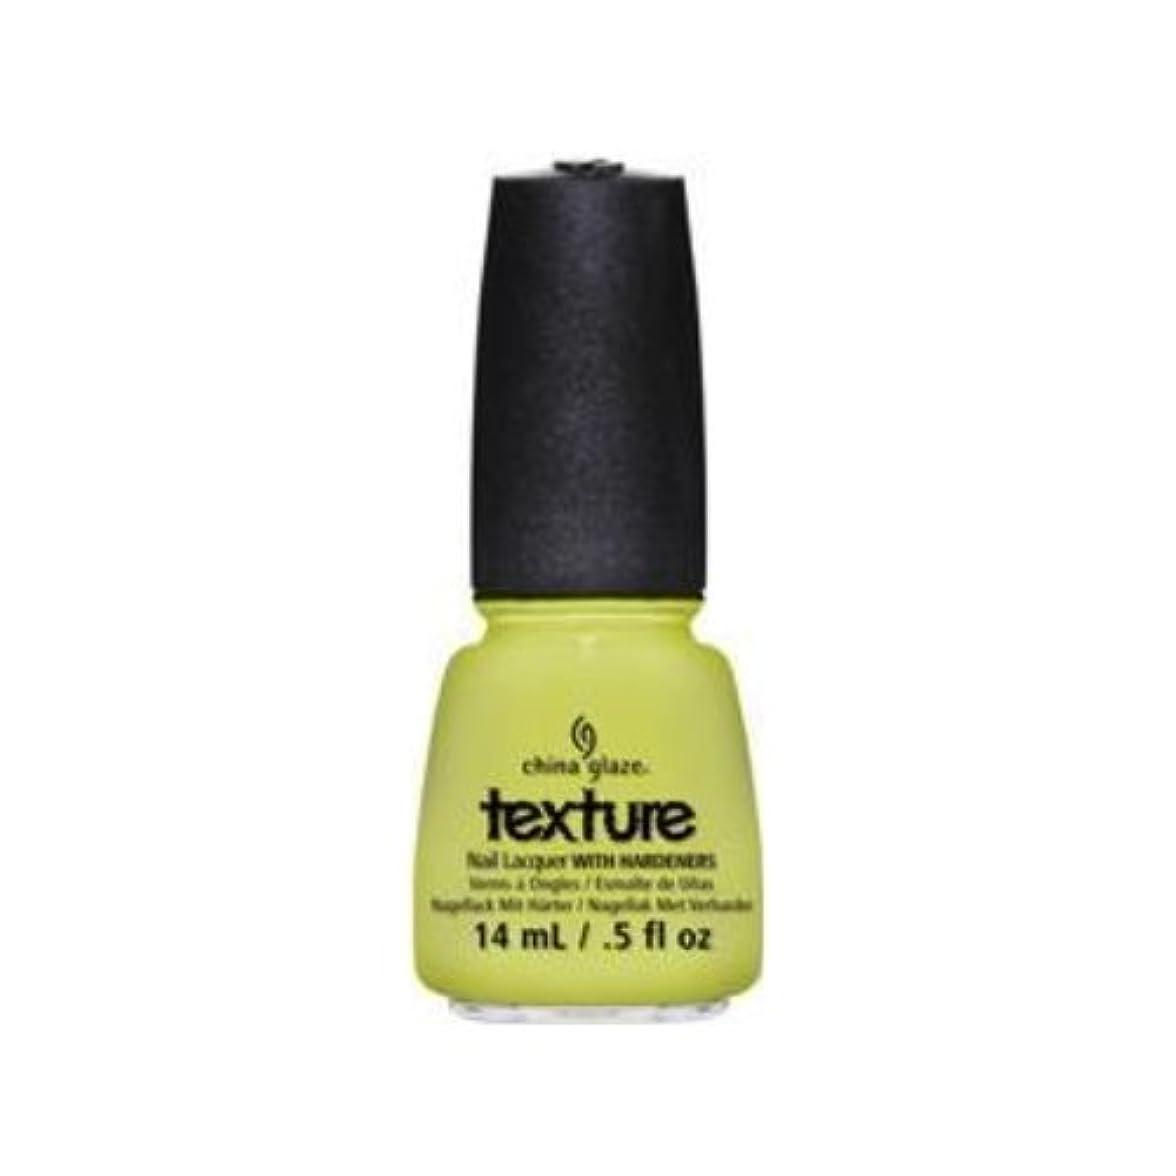 オリエント致死通行料金(6 Pack) CHINA GLAZE Texture Nail Lacquers - In The Rough (並行輸入品)